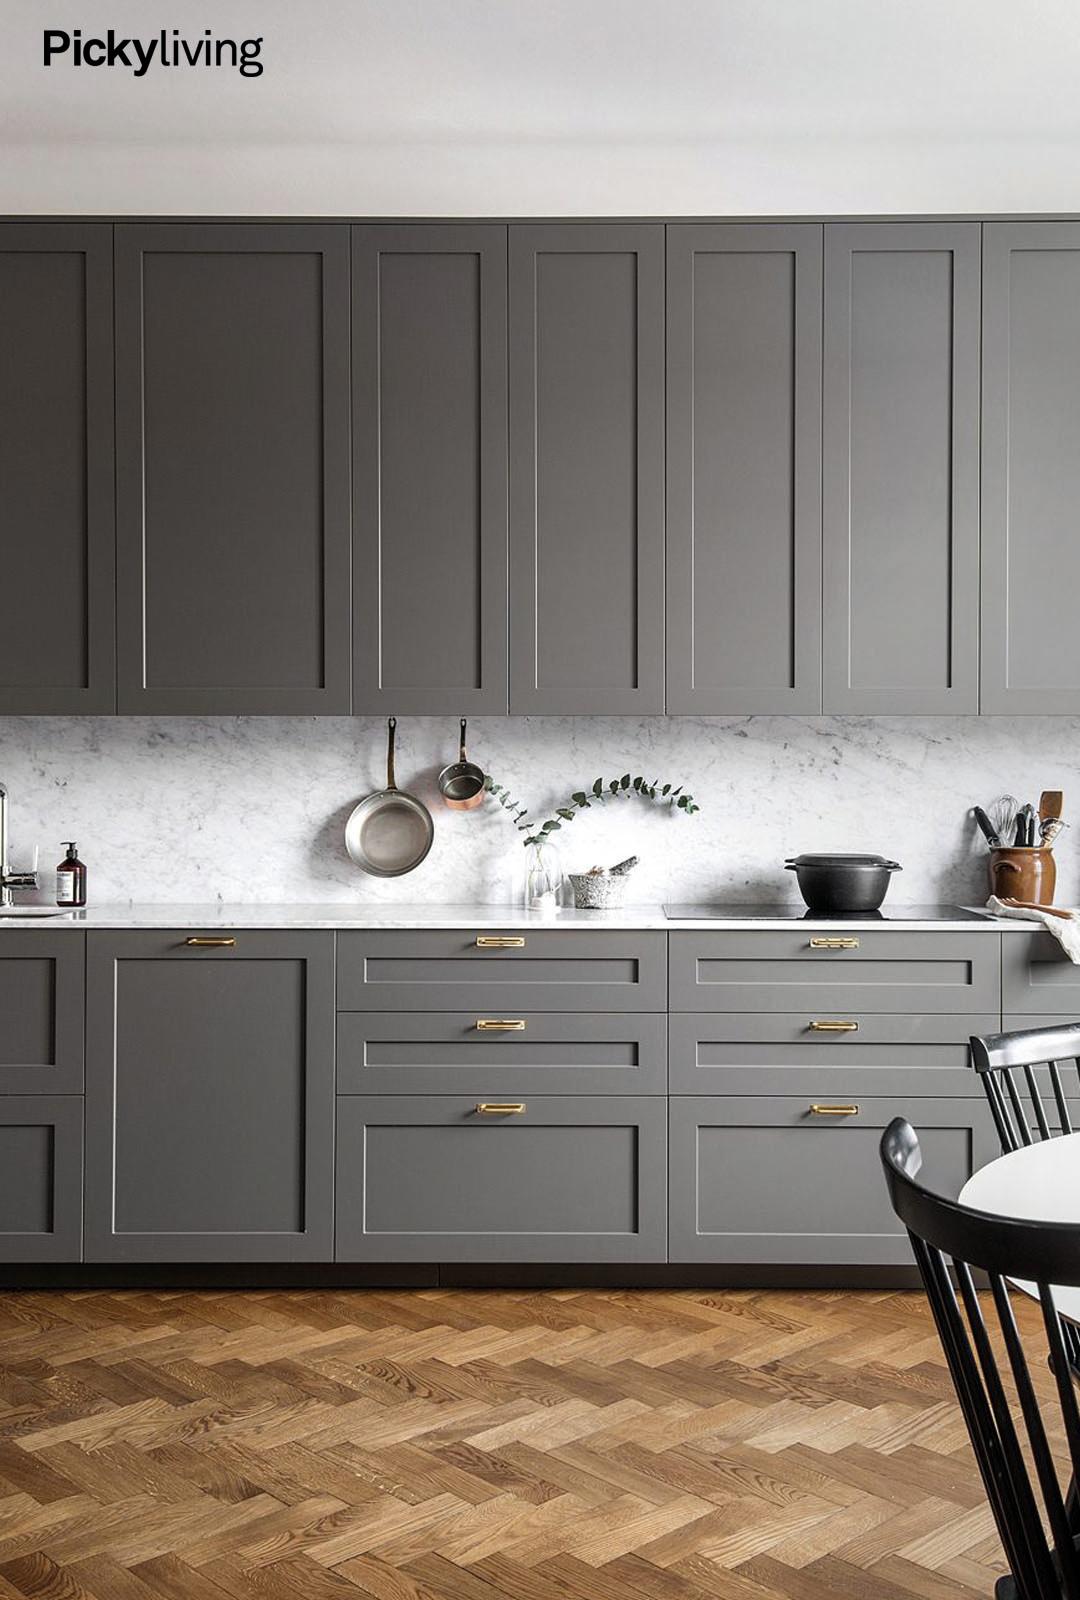 härlig kombo. fiskbensparkett marmor mässing och grått kök. syns